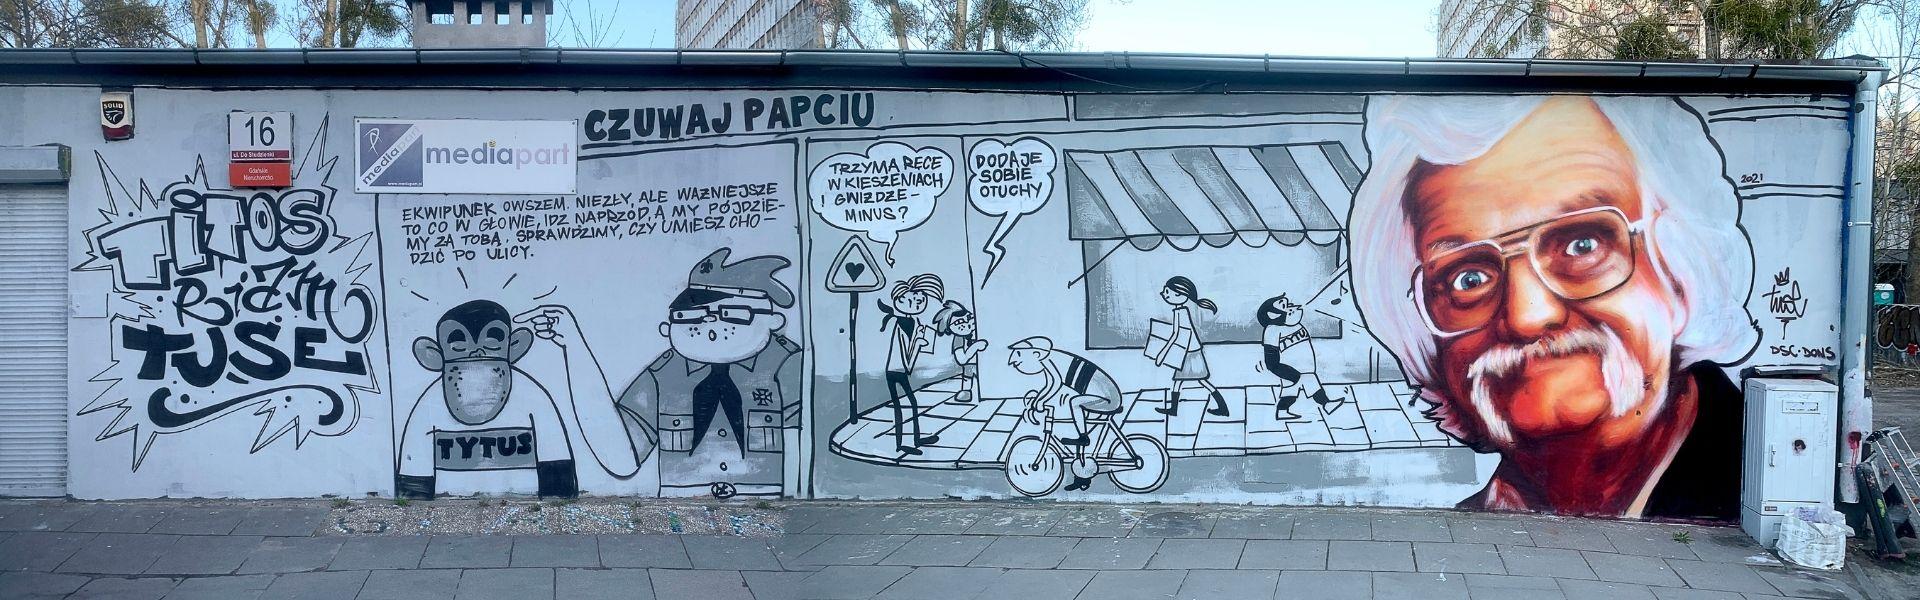 Mural w hołdzie dla Papcie Chmiela Gdańsk 2020